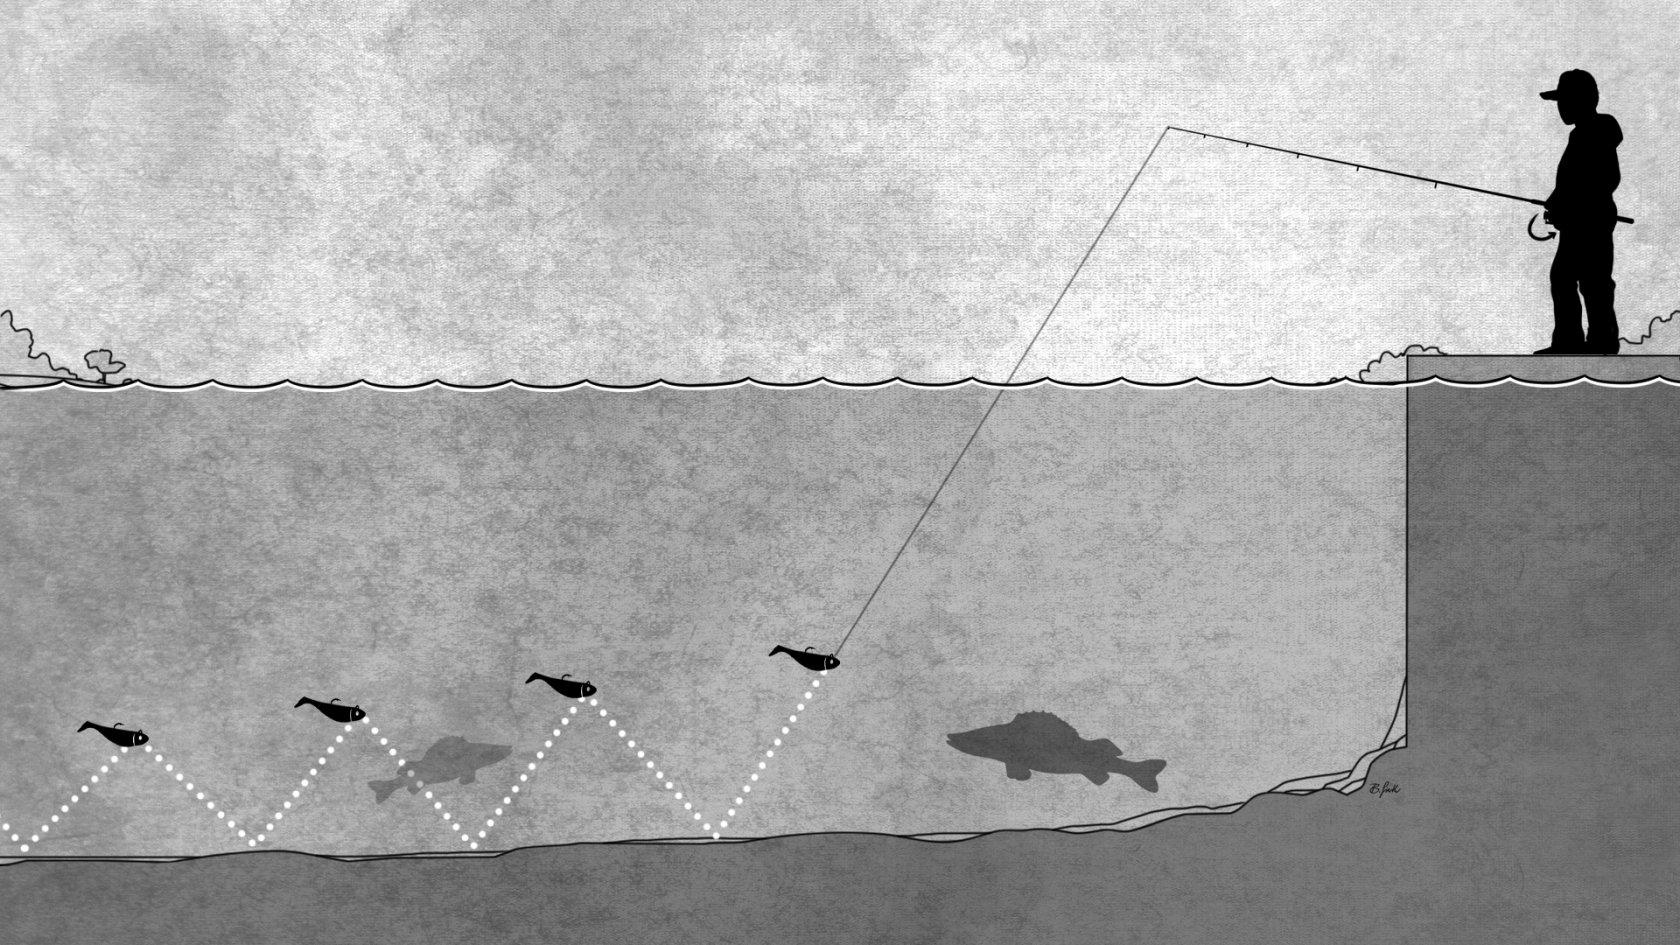 köderführung gummifisch jiggen und faulenzer methode